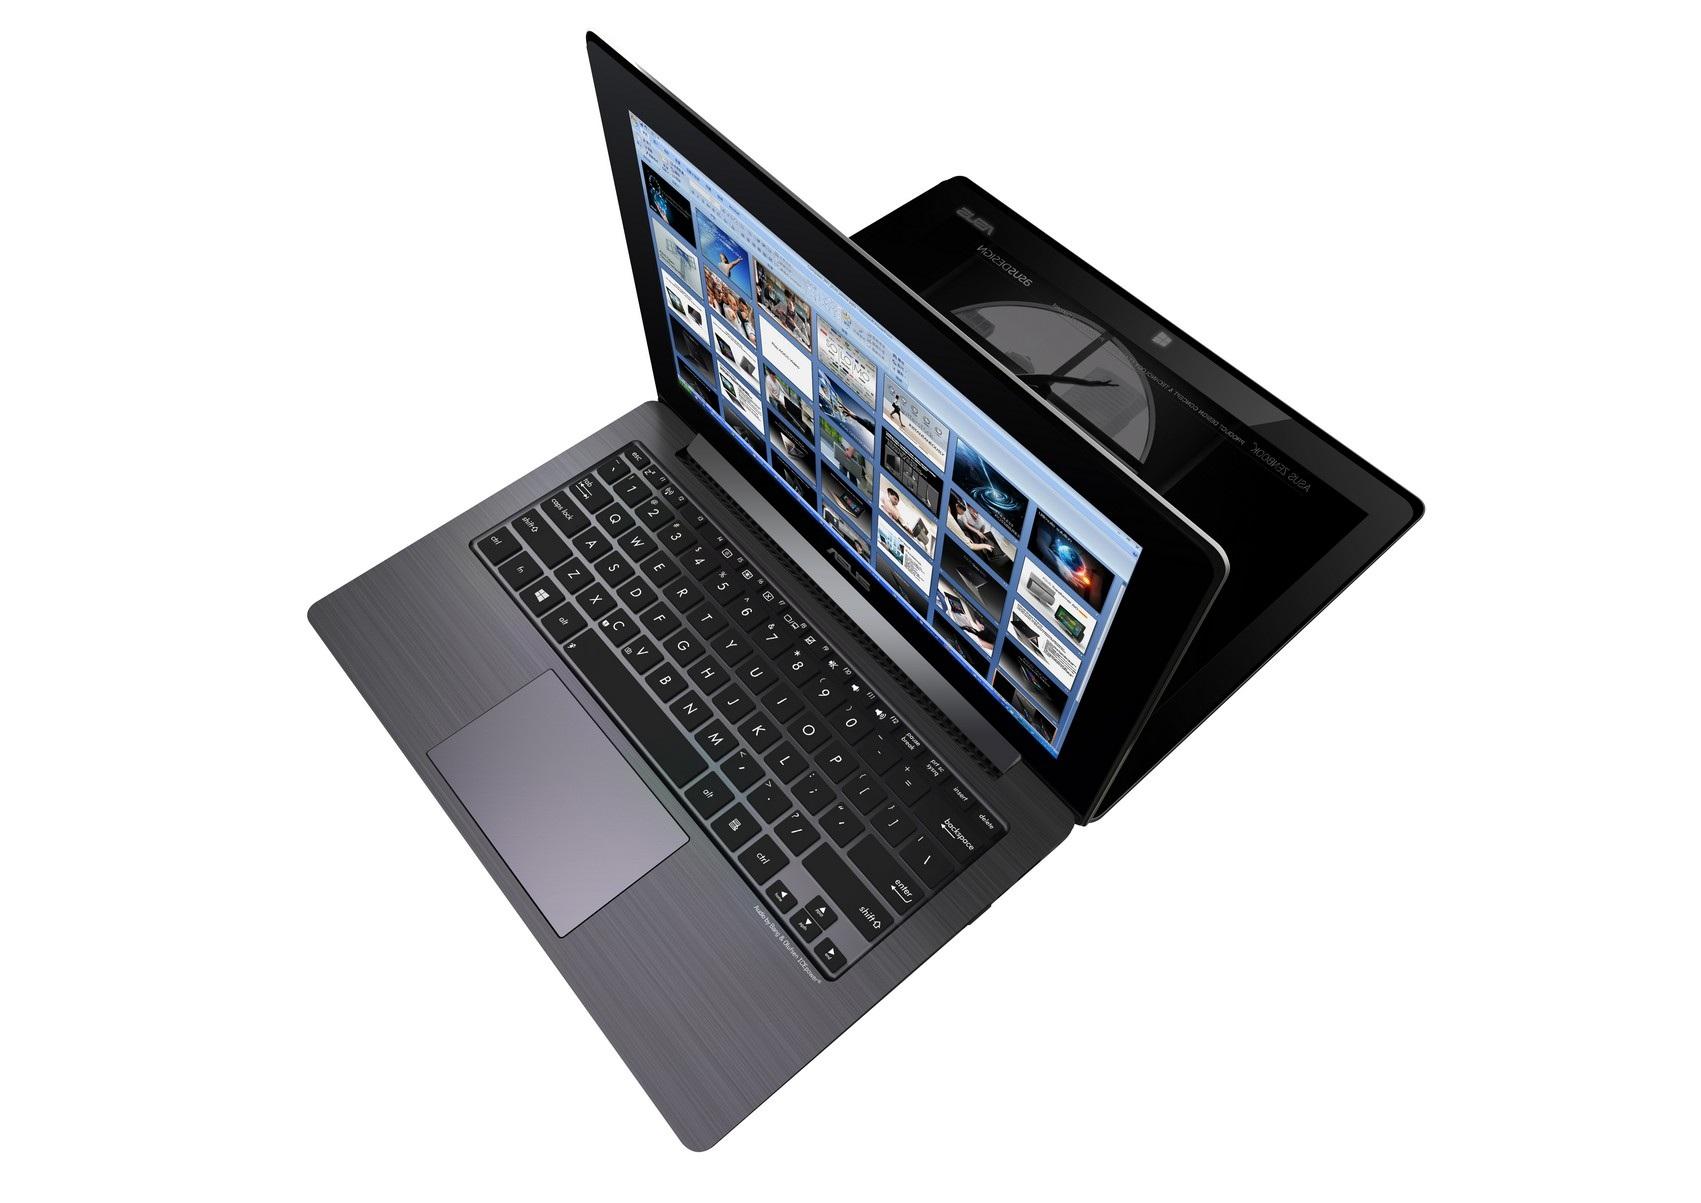 Asus Taichi - chiếc notebook màn hình kép tích hợp tablet cảm ứng.